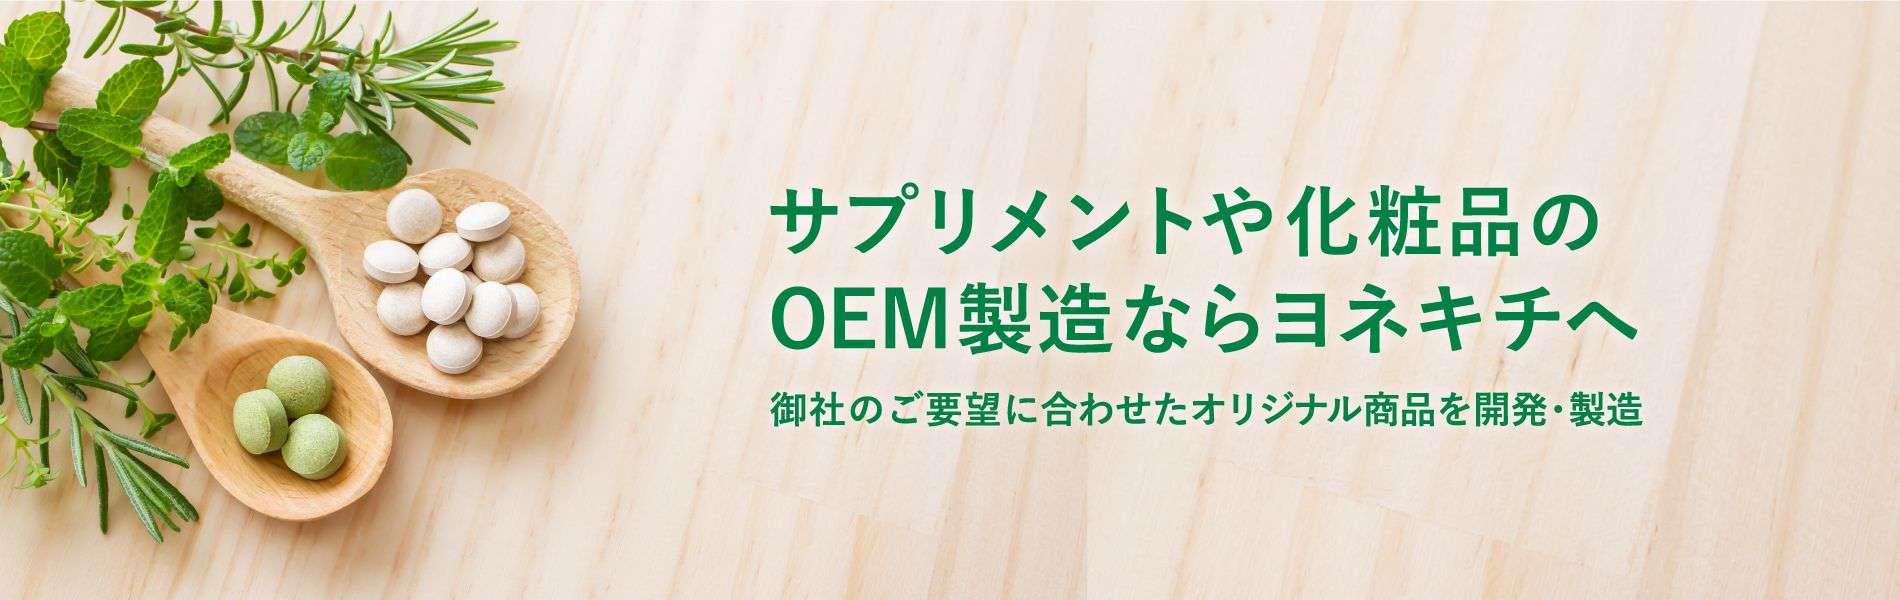 サプリメントや化粧品のOEM製造ならヨネキチへ